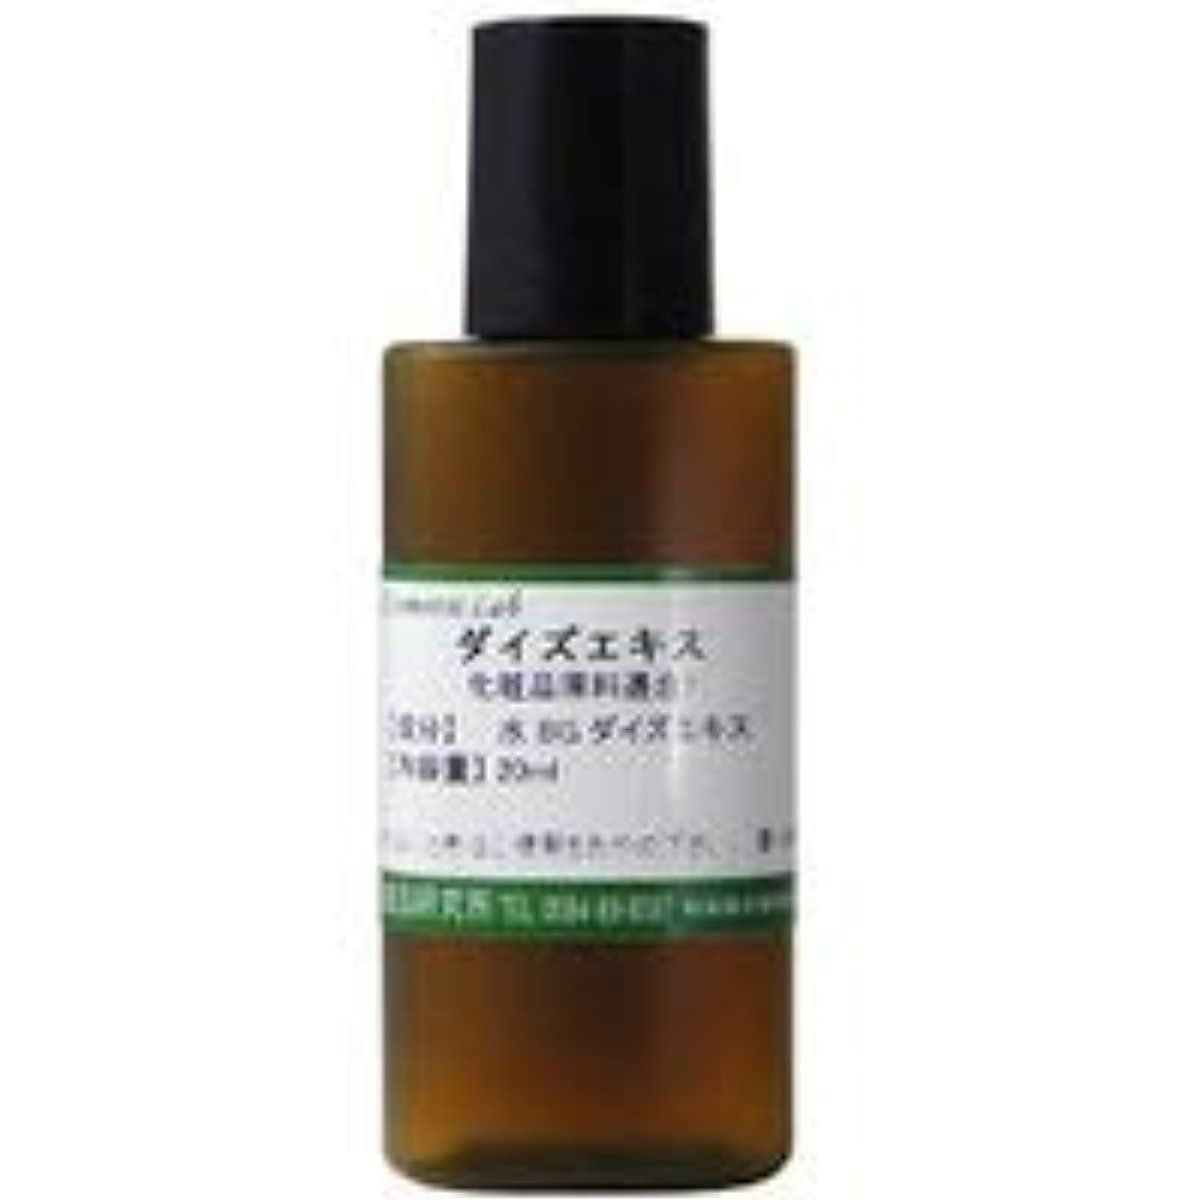 含める目の前の現代の大豆エキス 20ml 【手作り化粧品原料】